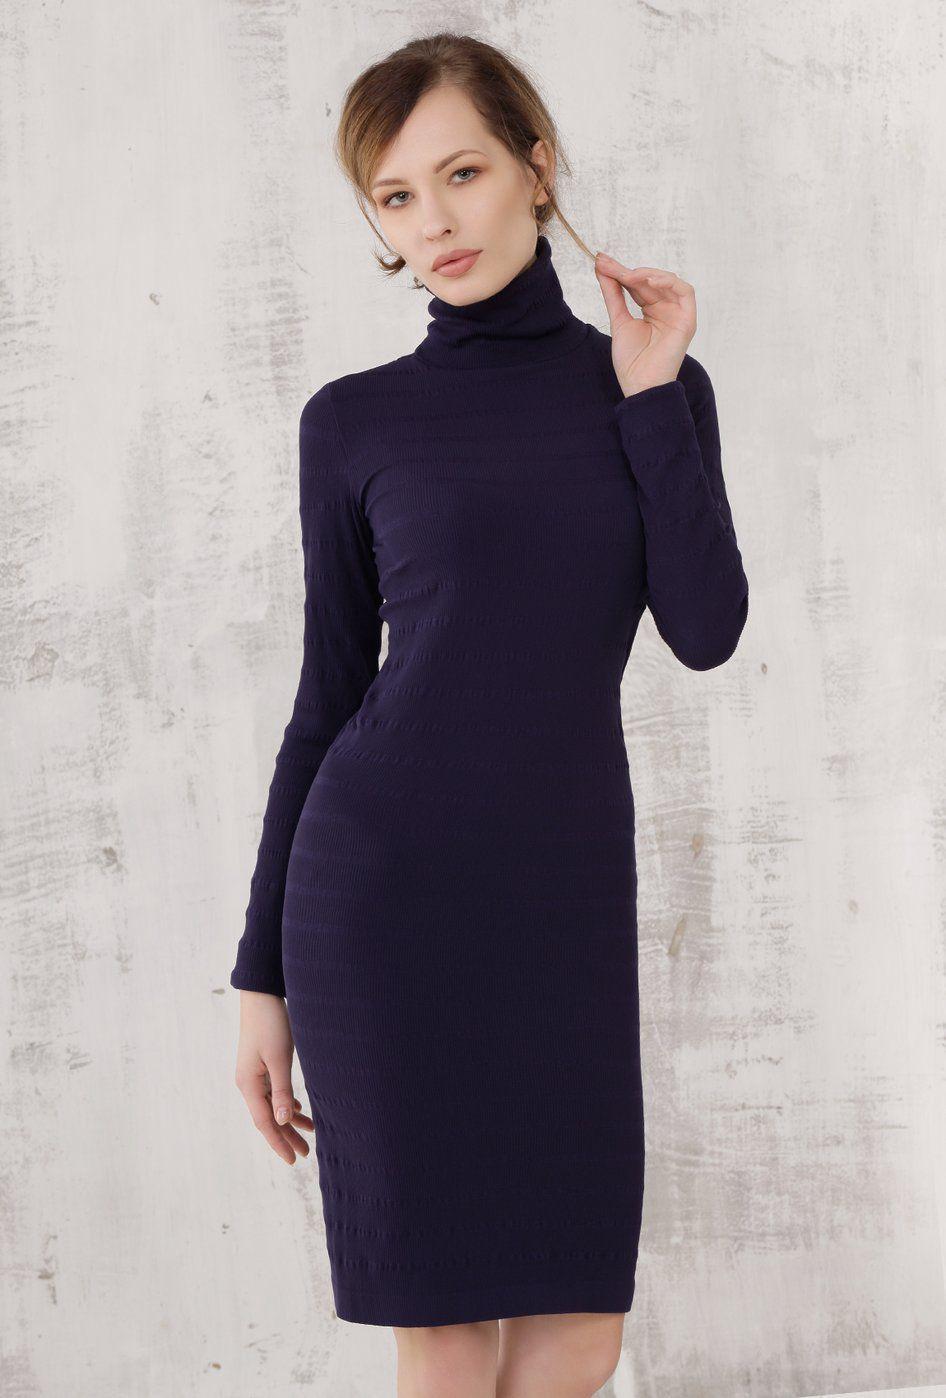 GATTA Sukienka Bandage Dress 5S ATRAMENTO r. L (0046545S42612) 0046545S42612 Kleitas sievietēm